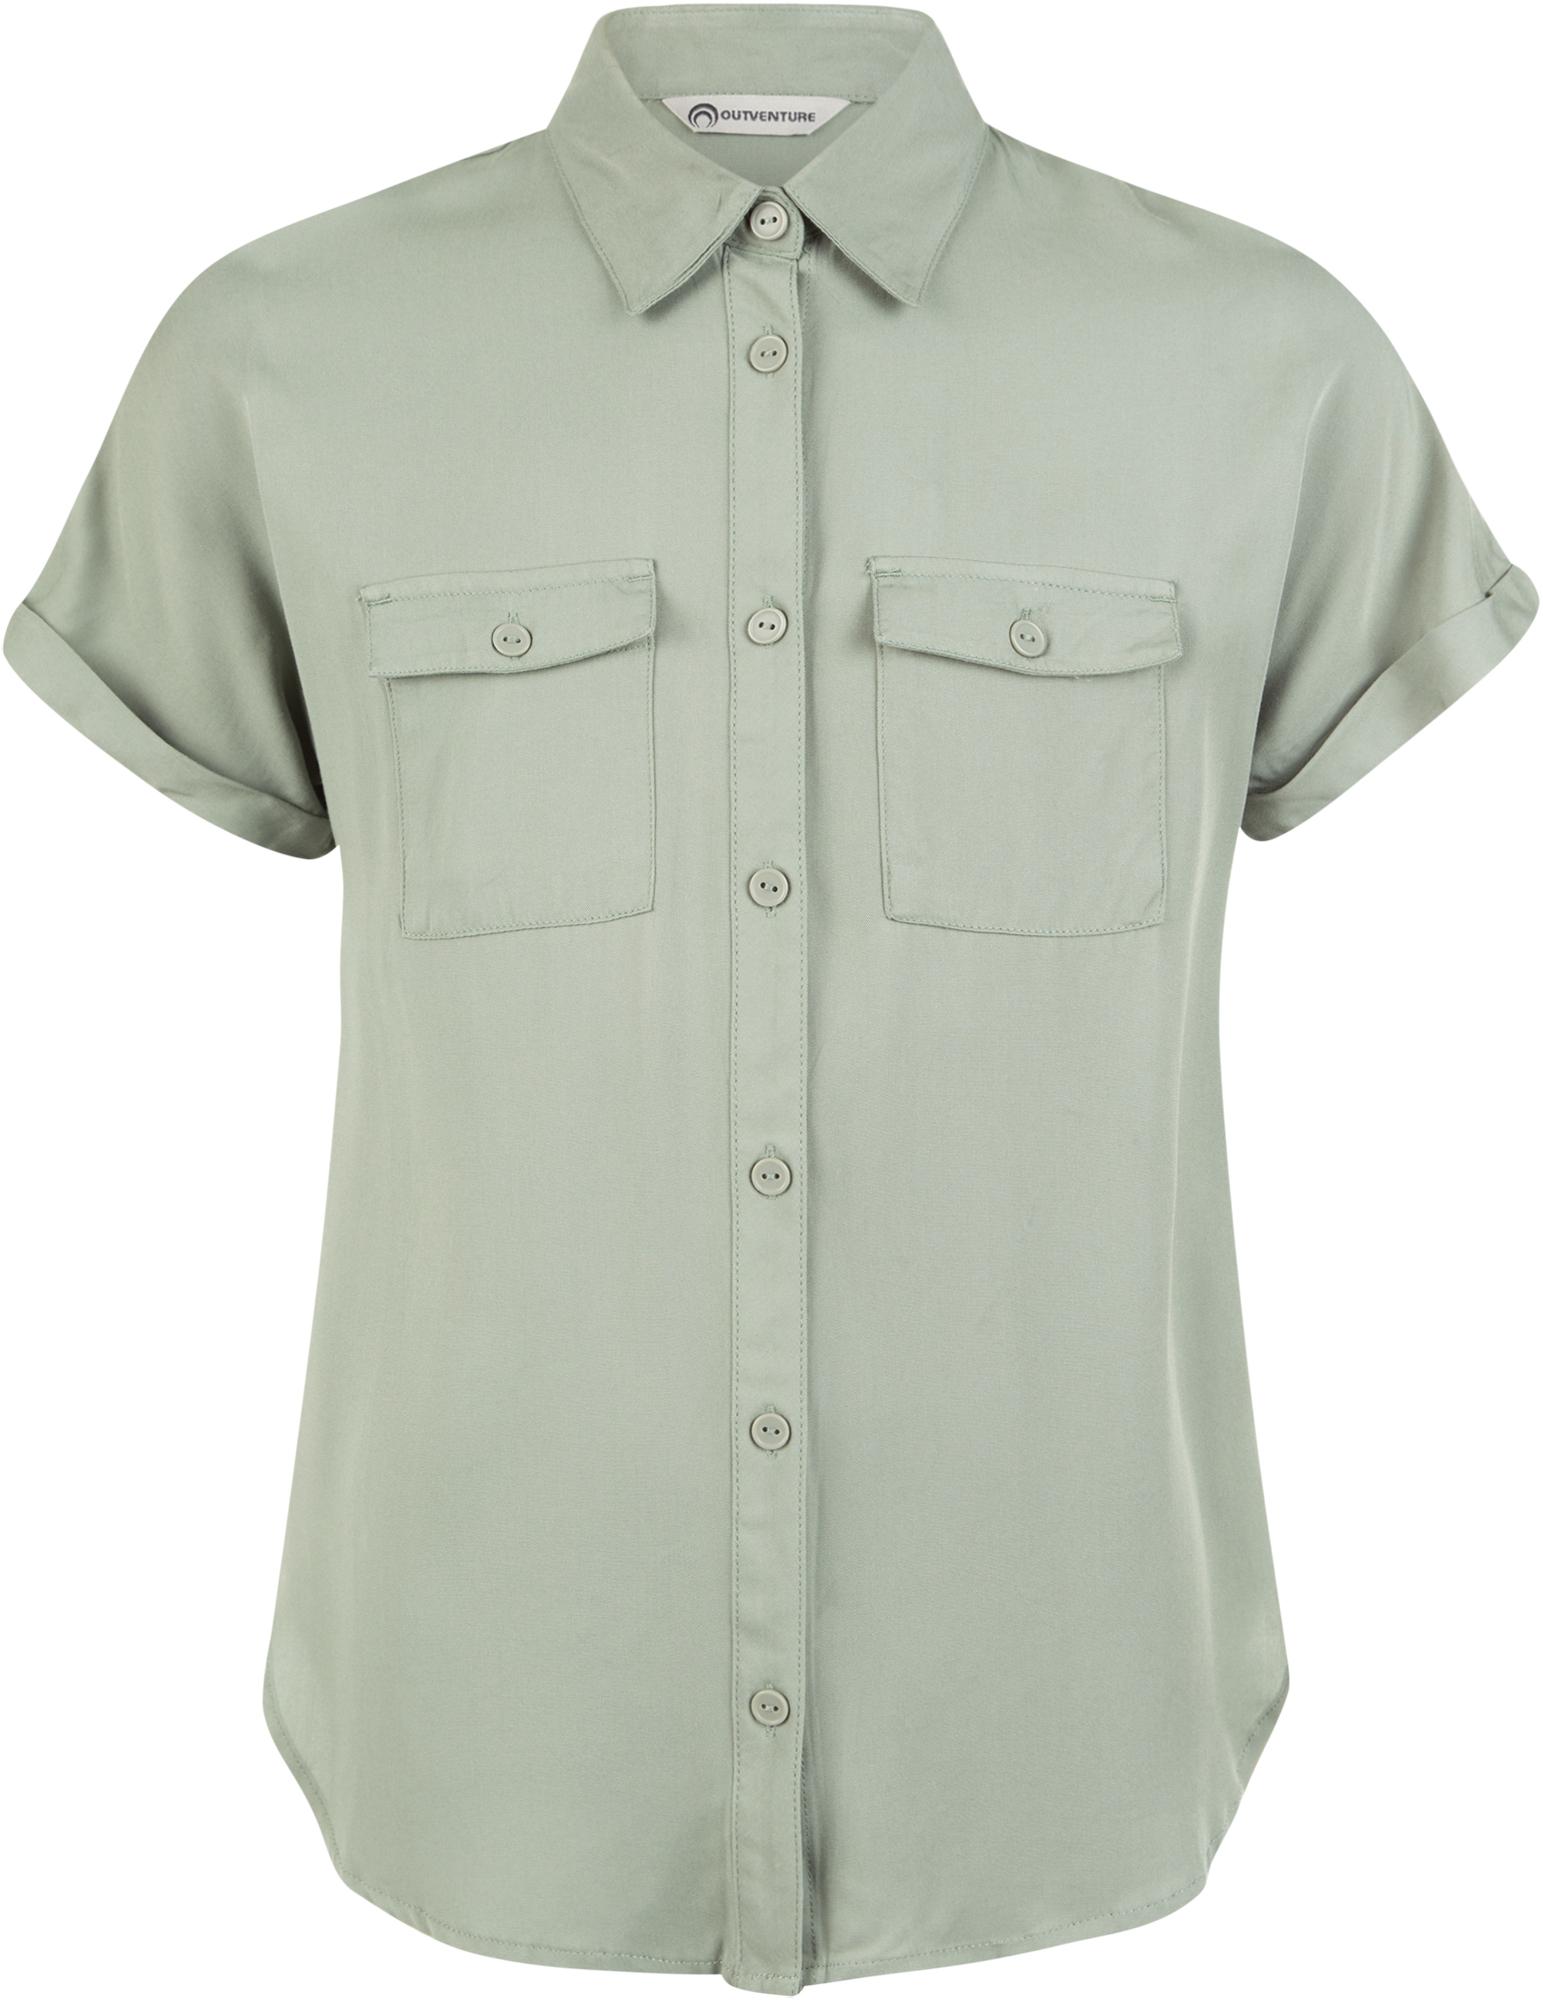 цены Outventure Рубашка с коротким рукавом для девочек Outventure, размер 134